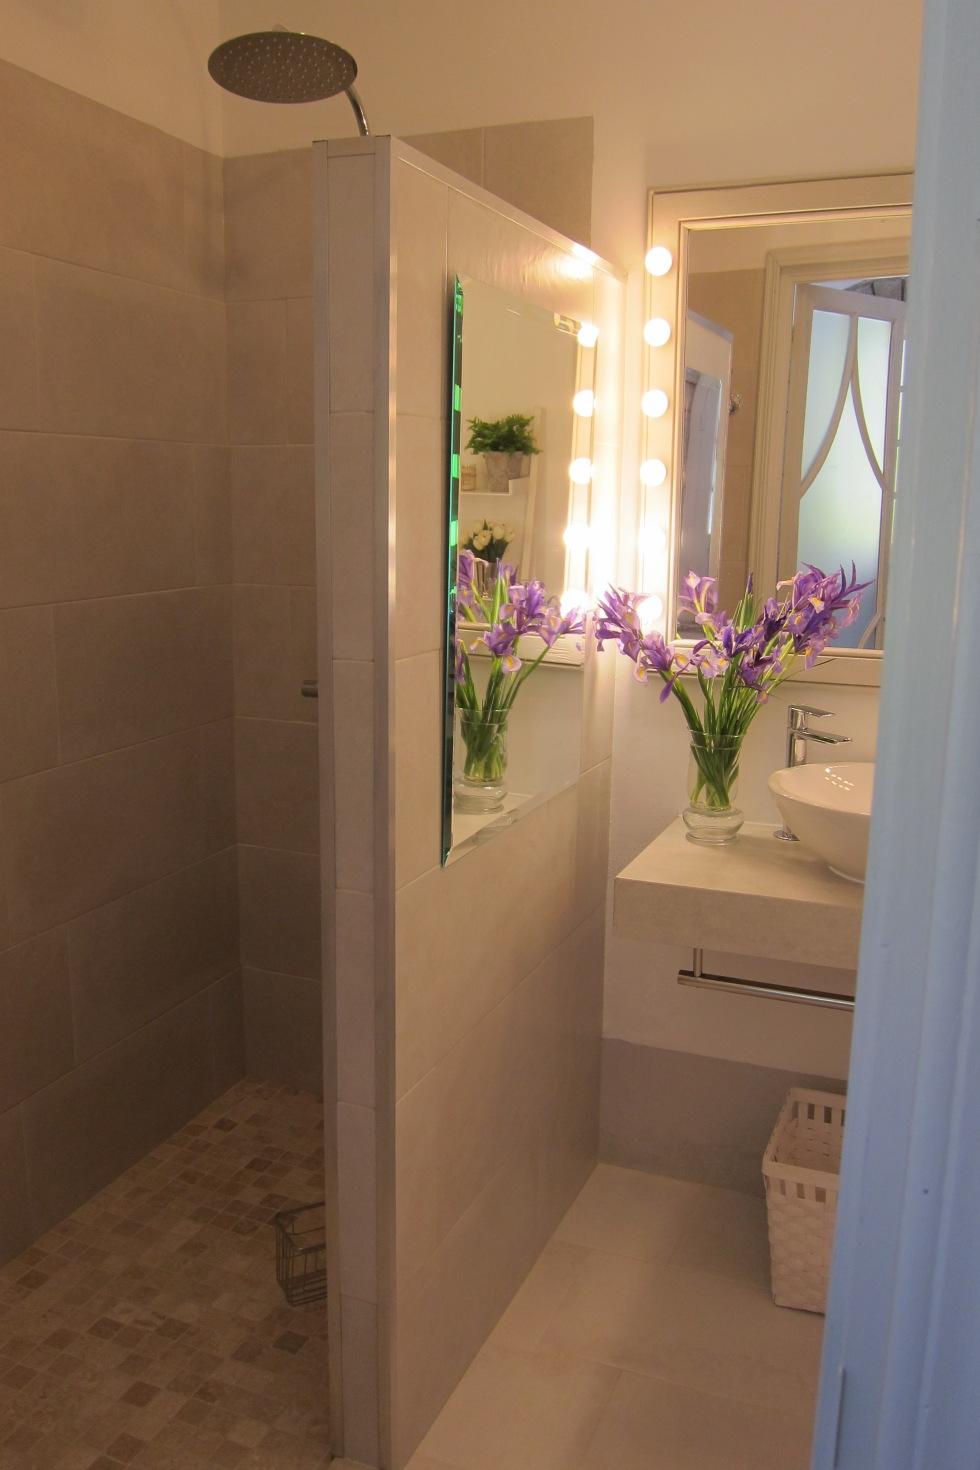 24.baño habitacio.JPG